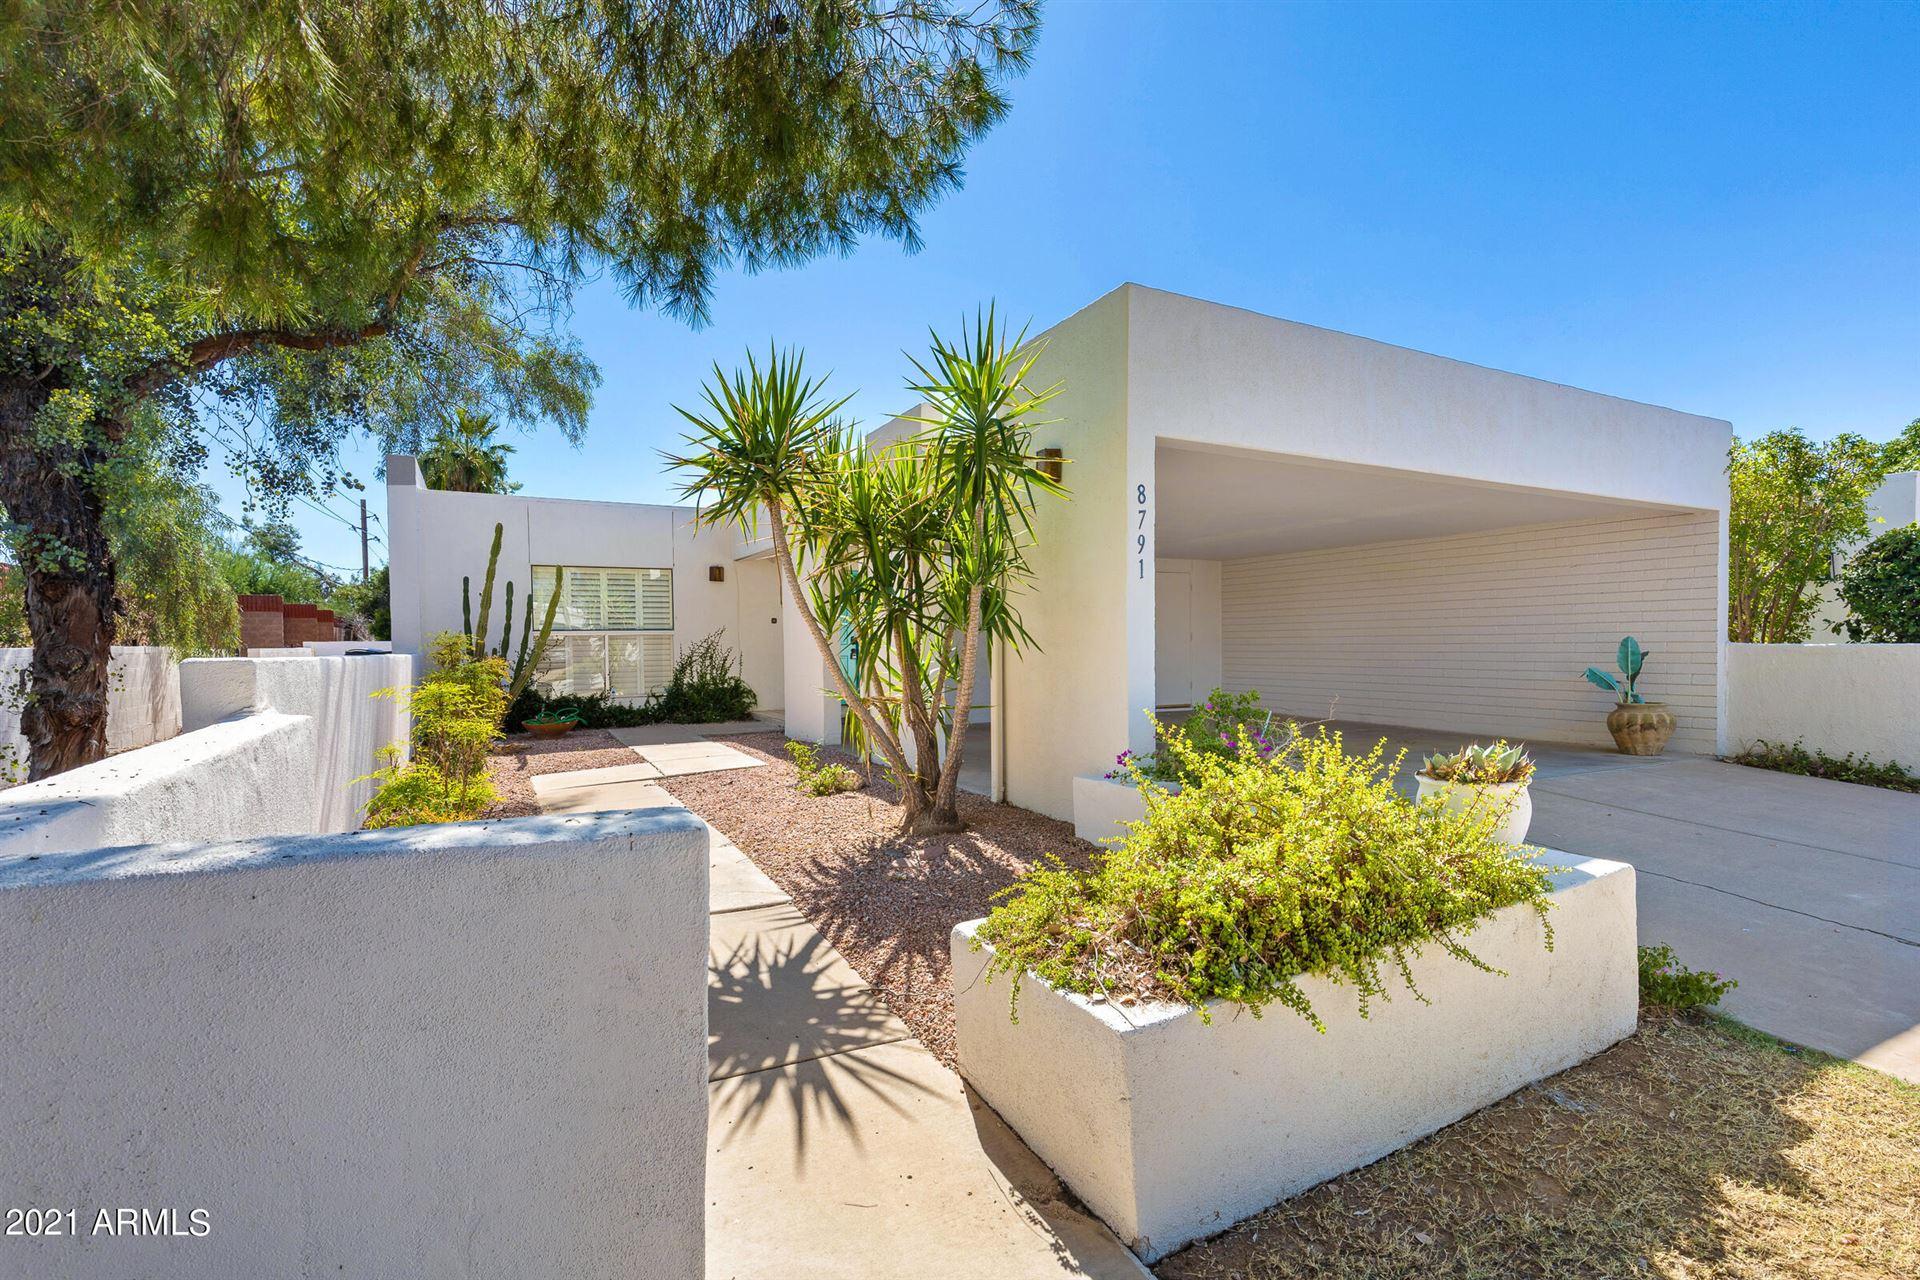 Photo of 8791 E VIA DE SERENO Street, Scottsdale, AZ 85258 (MLS # 6307874)